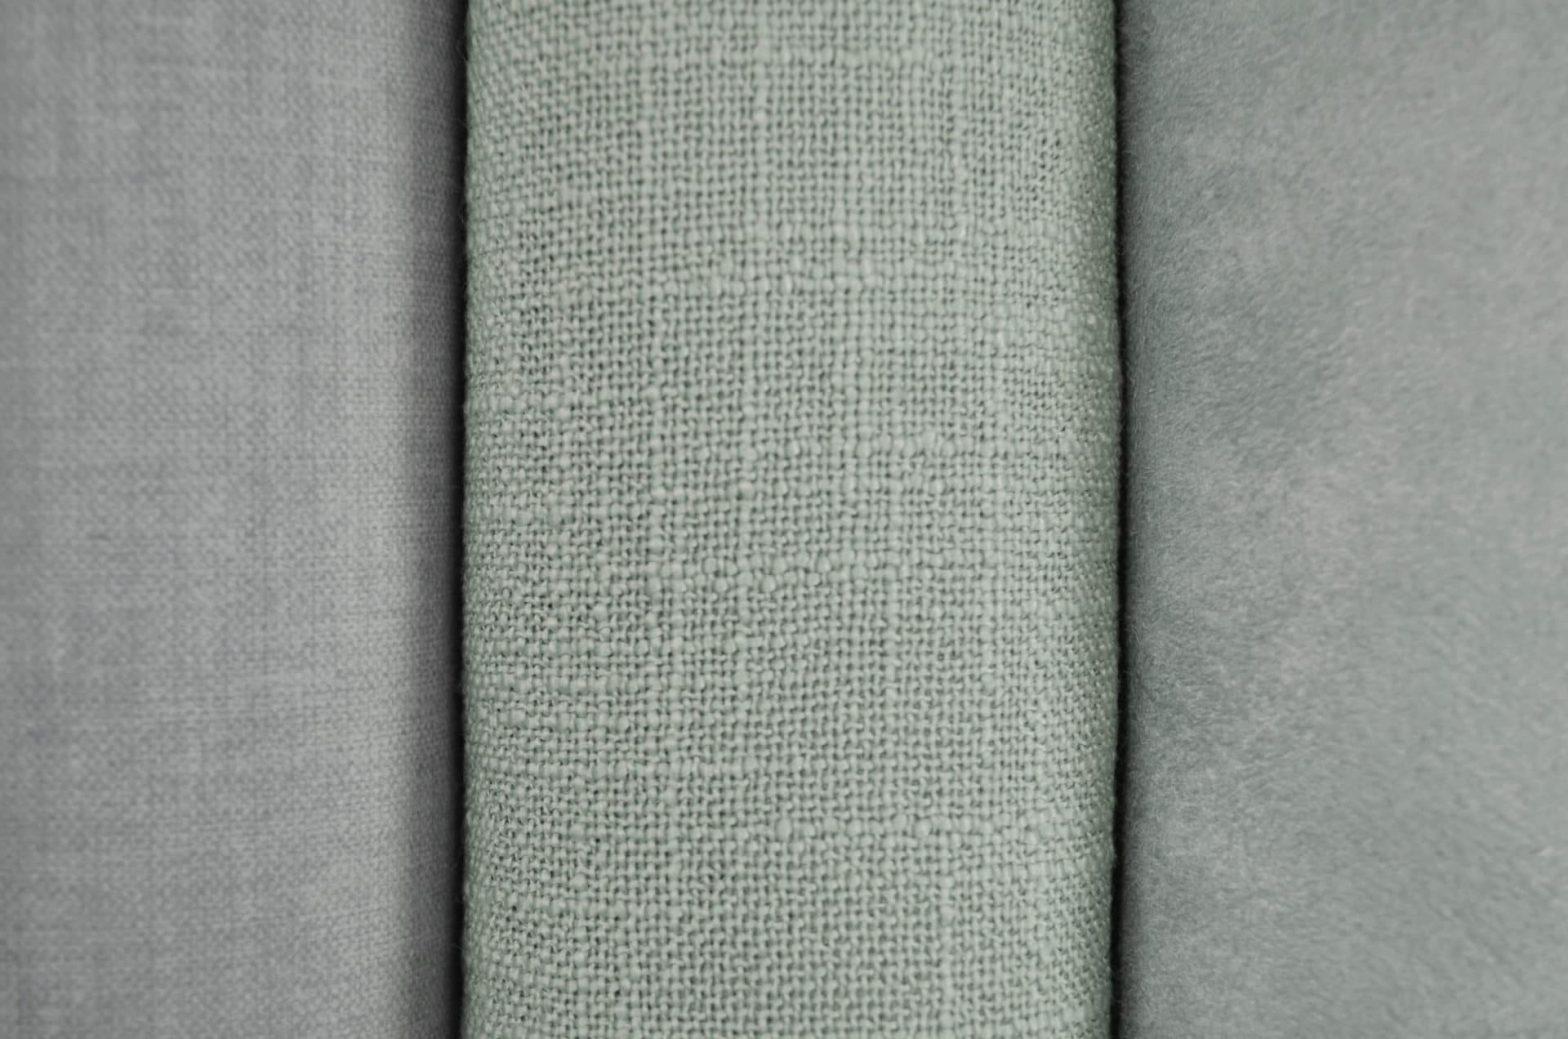 Tecidos Veludo Floss Iron, Ferrara Cânfora e Padova Celadon Promex Decor